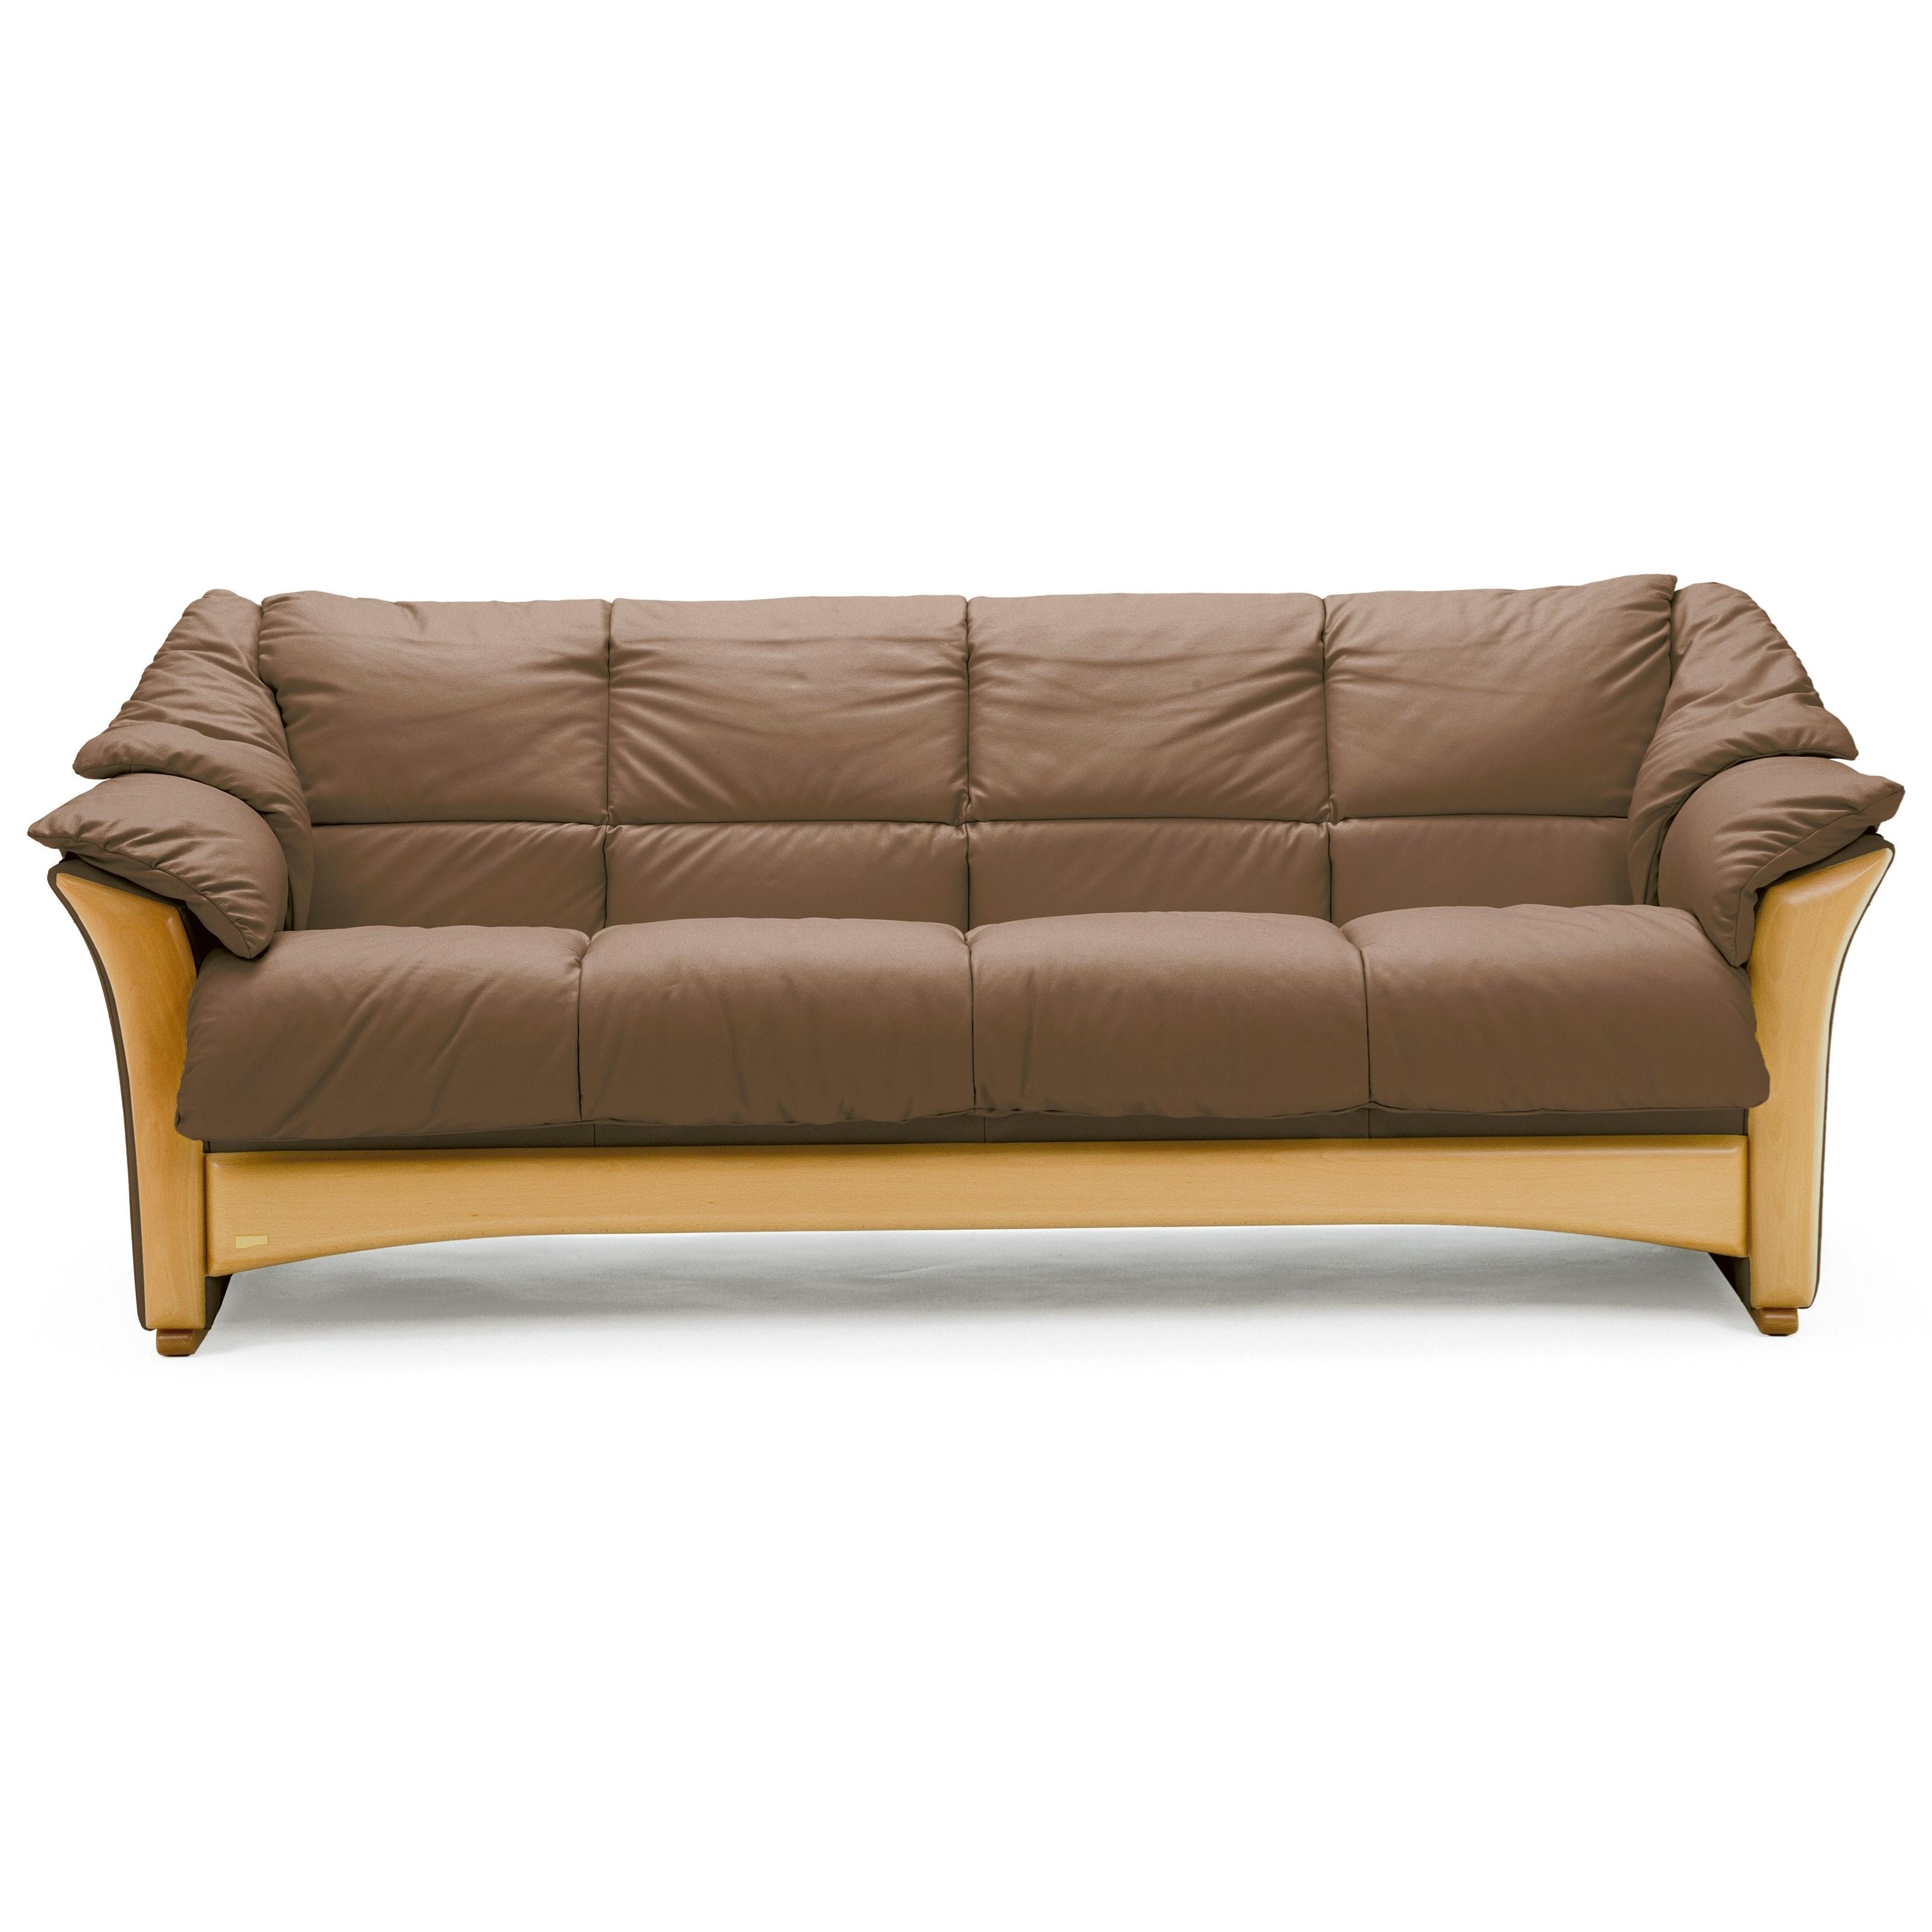 Beau Stressless Oslo 4 Cushion Sofa | Rotmans | Sofas